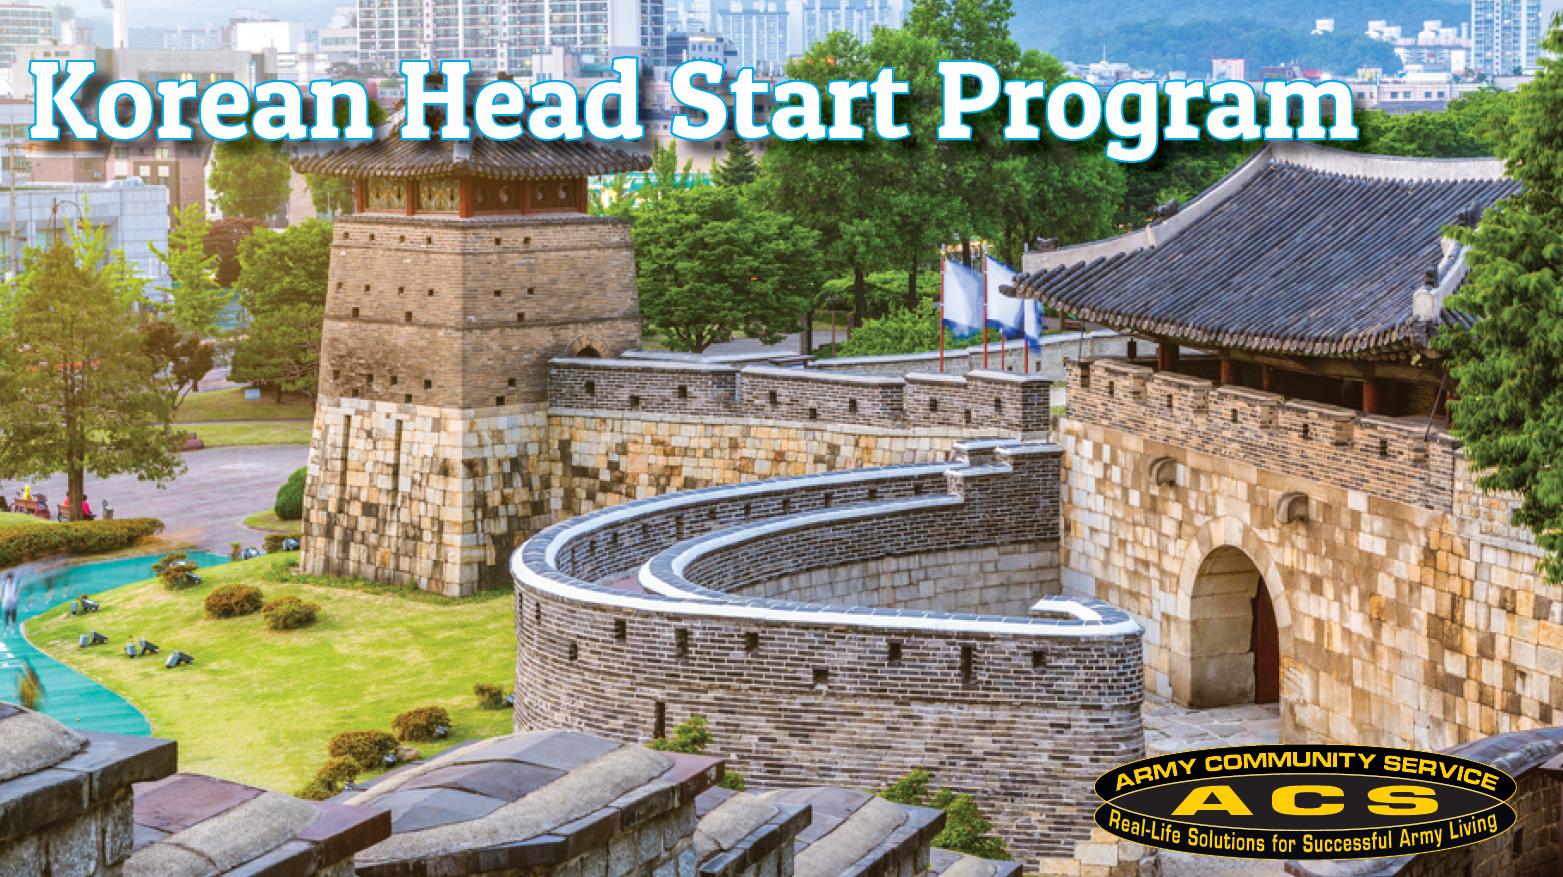 Korean Head Start Program